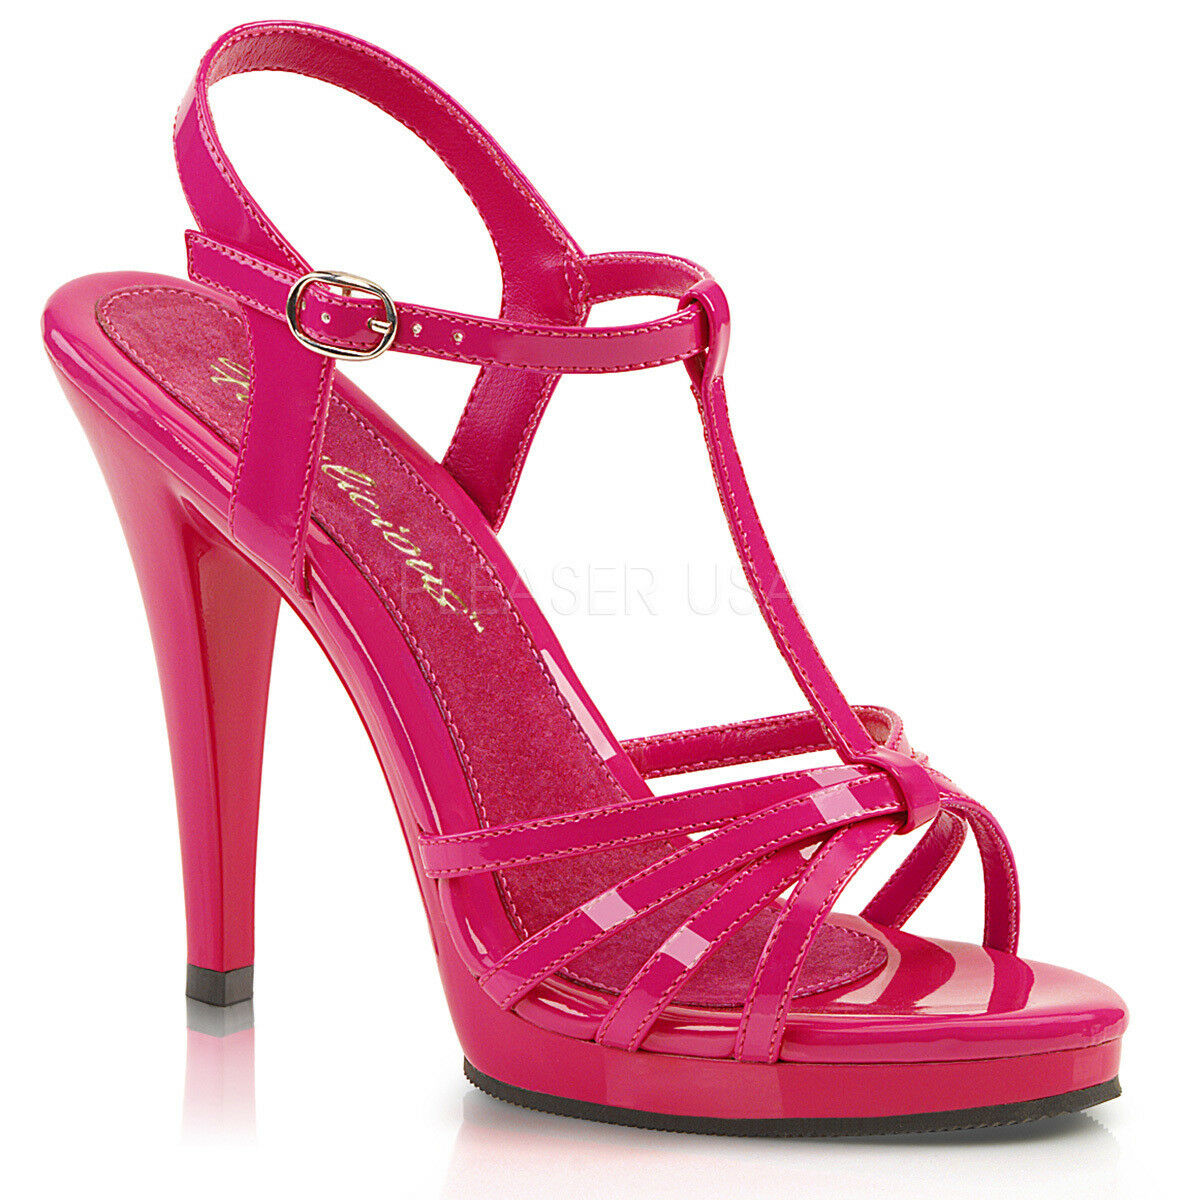 Flair - 420 elegante fabulicious señora tacón alto sandalias hotrosadododo hotrosadododo hotrosadododo charol talla 36  garantizado